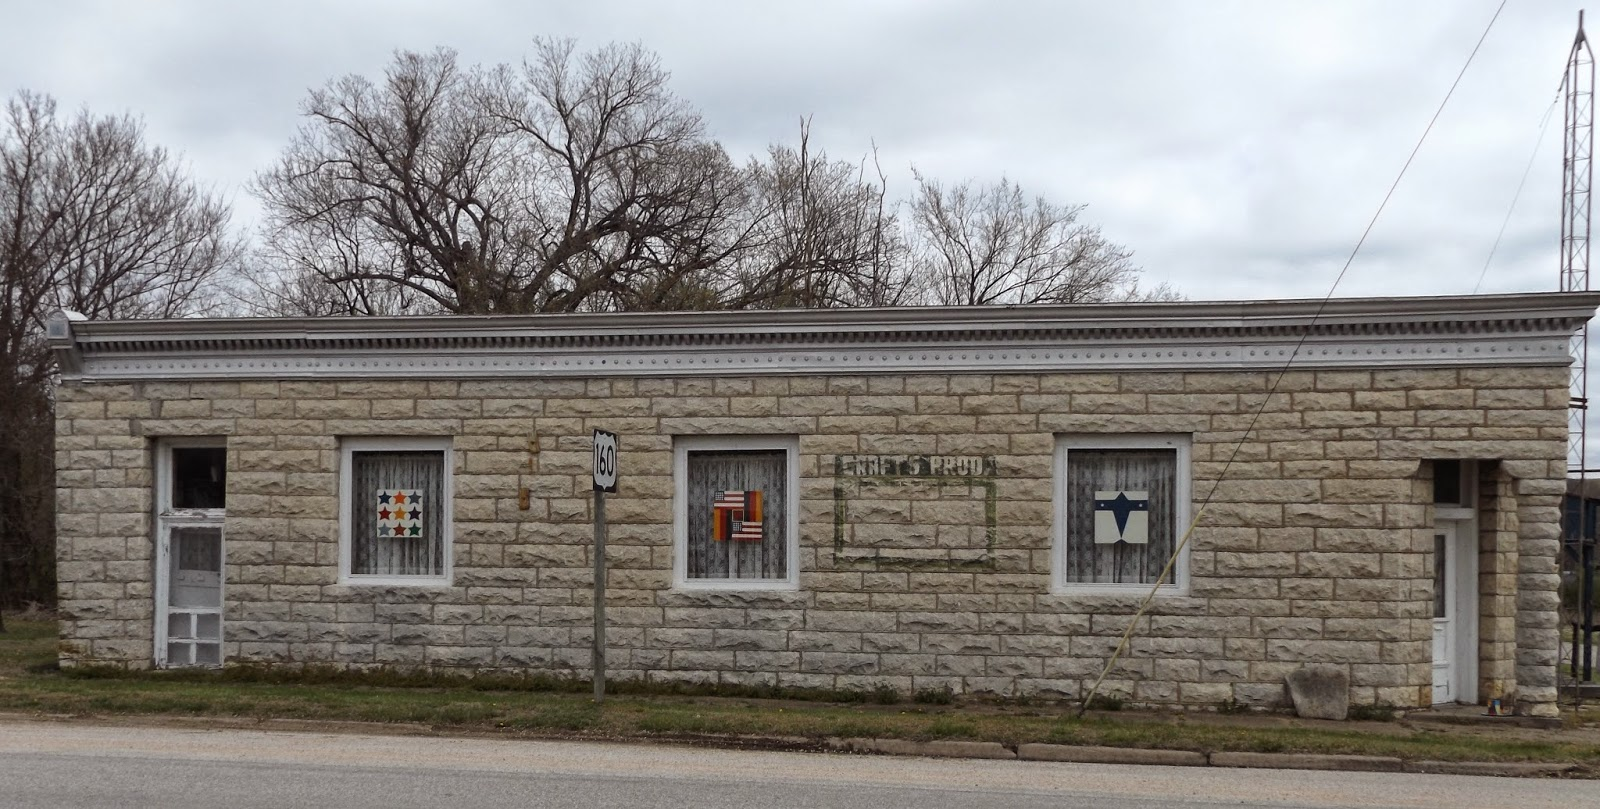 Kansas pottawatomie county fostoria - Cowley County